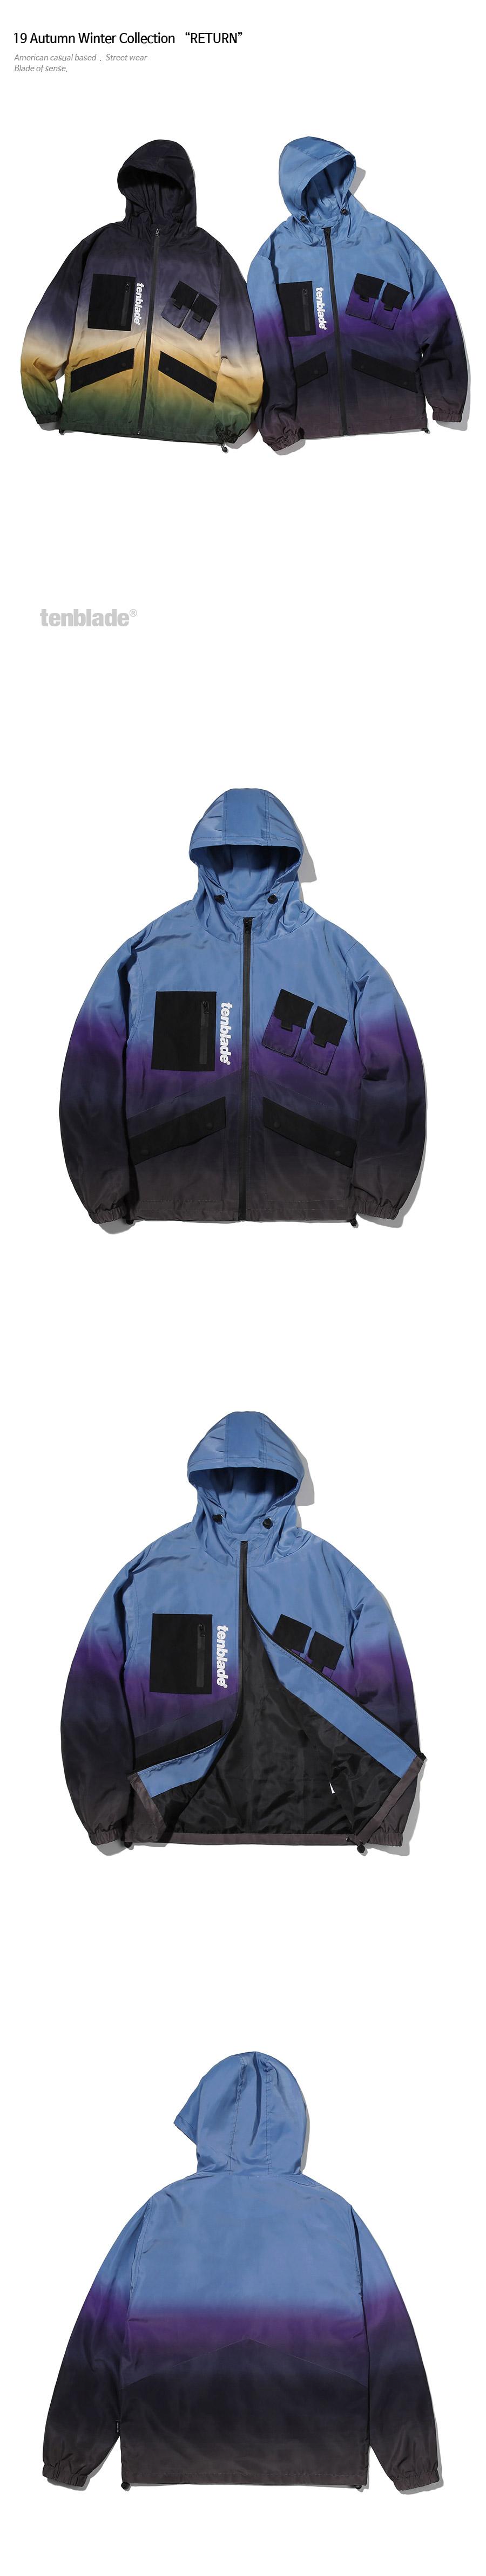 tai453jk-purple_05.jpg